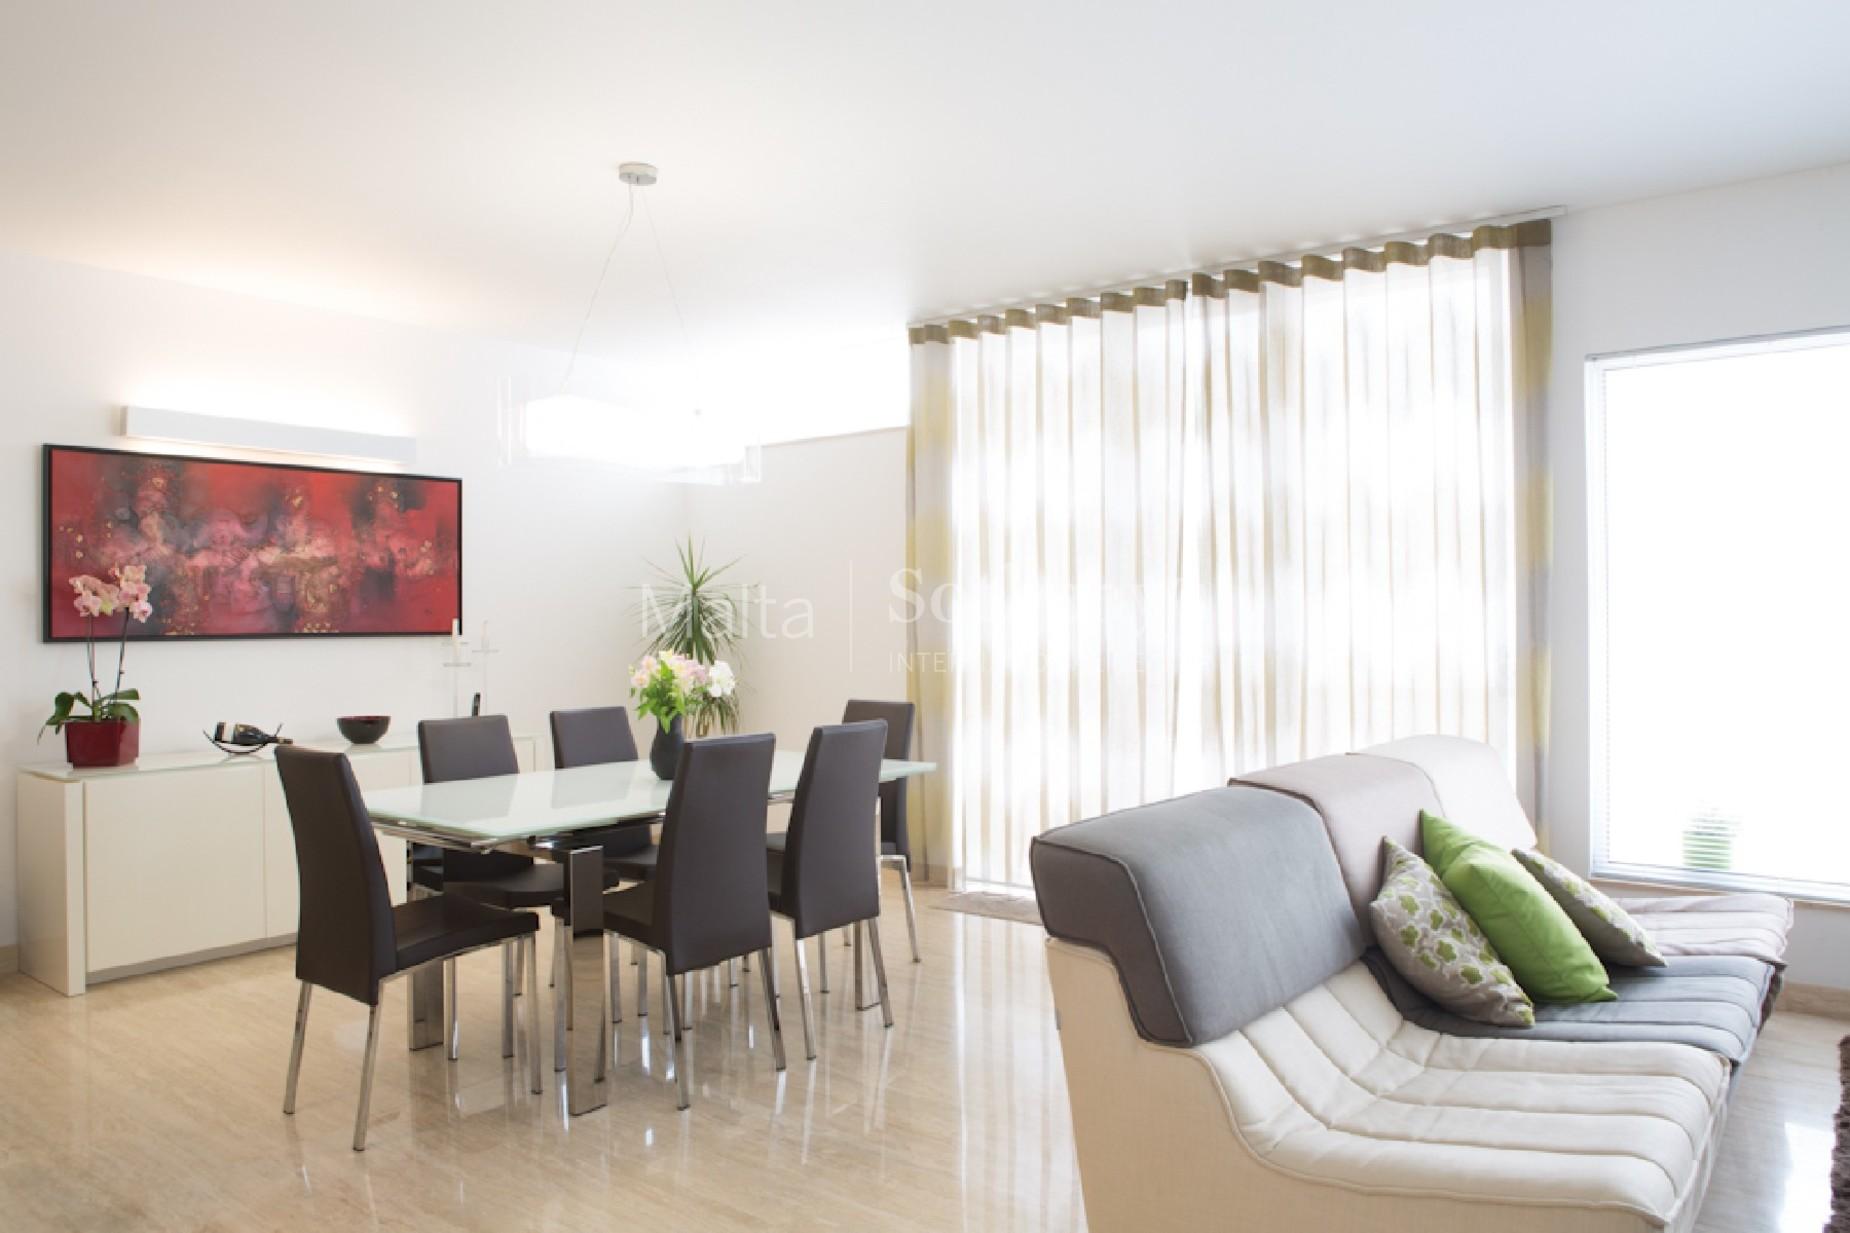 3 bed Penthouse For Rent in Balzan, Balzan - thumb 4